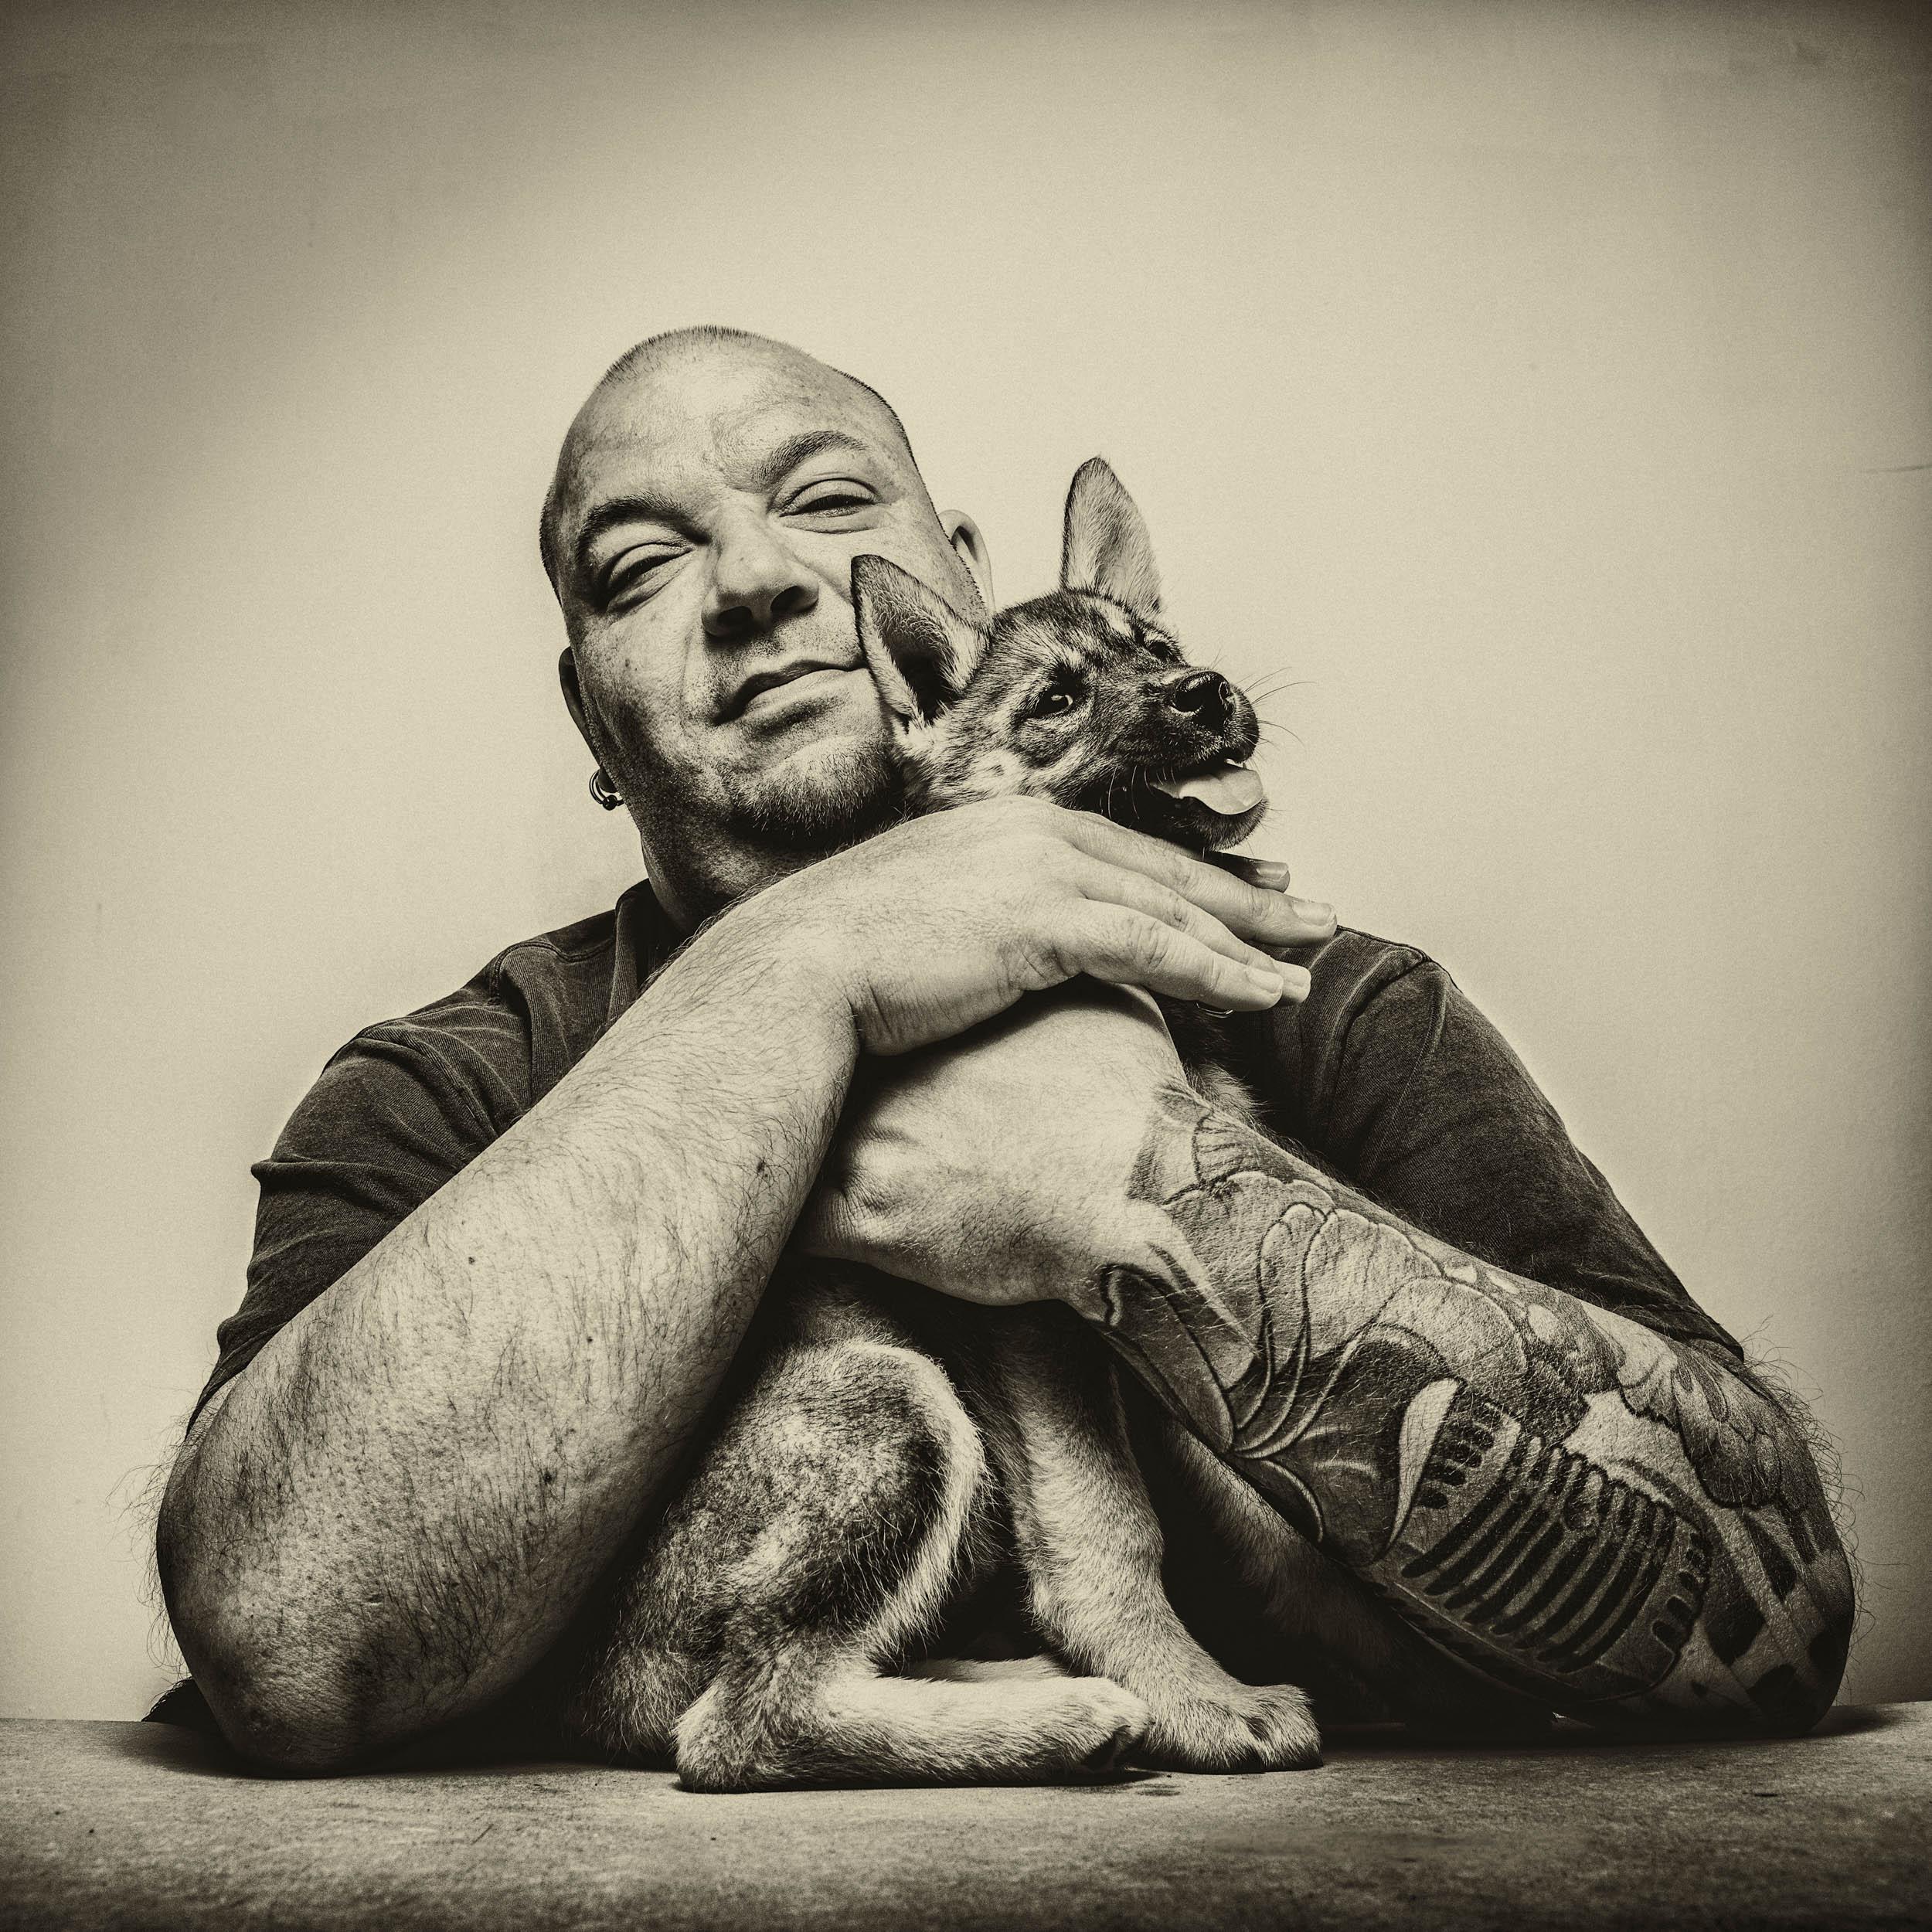 Portrait en confinement de mon voisin Mickael et sa petite chienne Laika